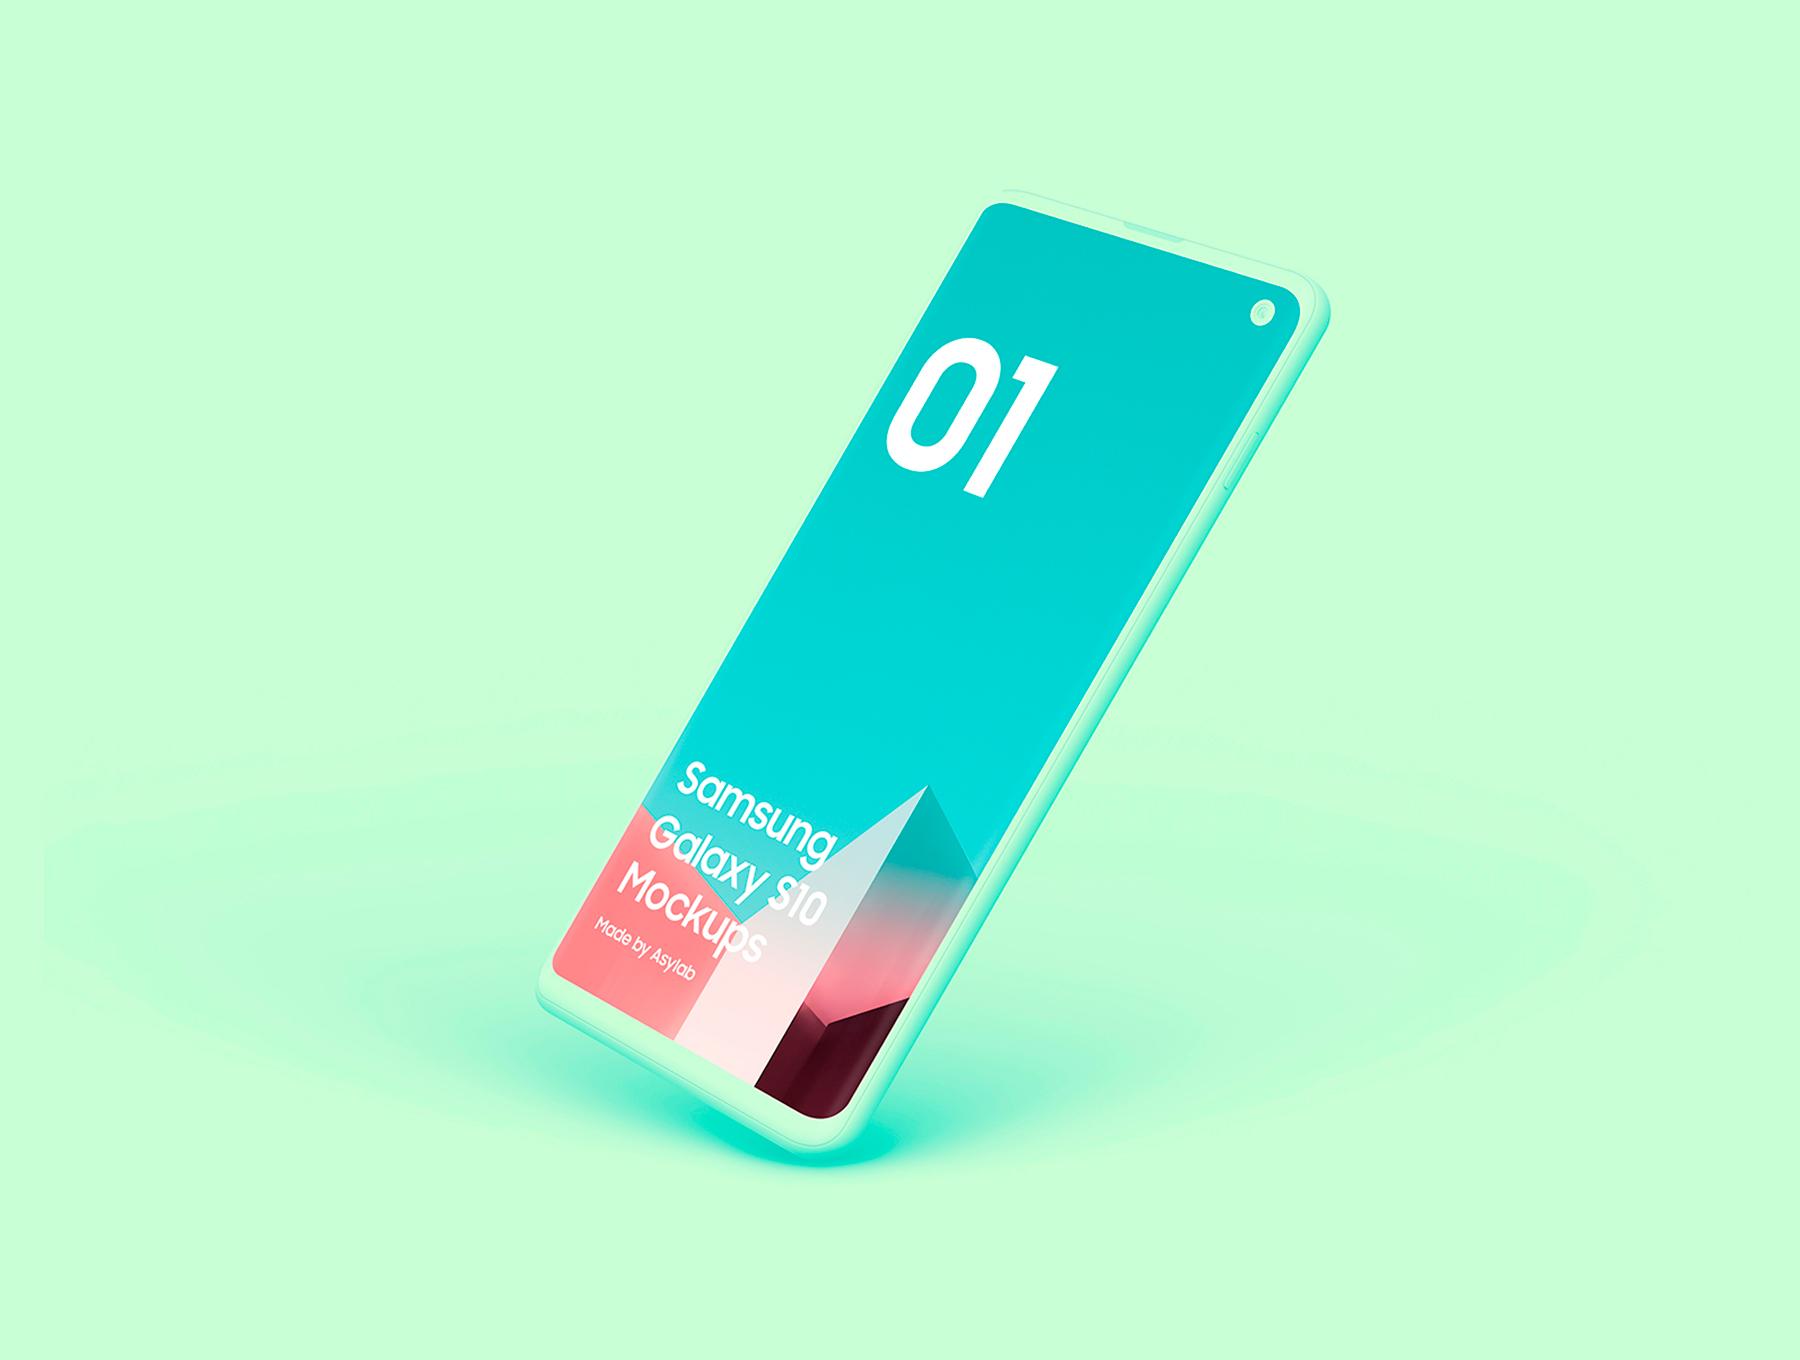 陶瓷质感三星Galaxy S10智能手机样机模板 Samsung Galaxy S10 – 21 Clay Mockups插图(6)